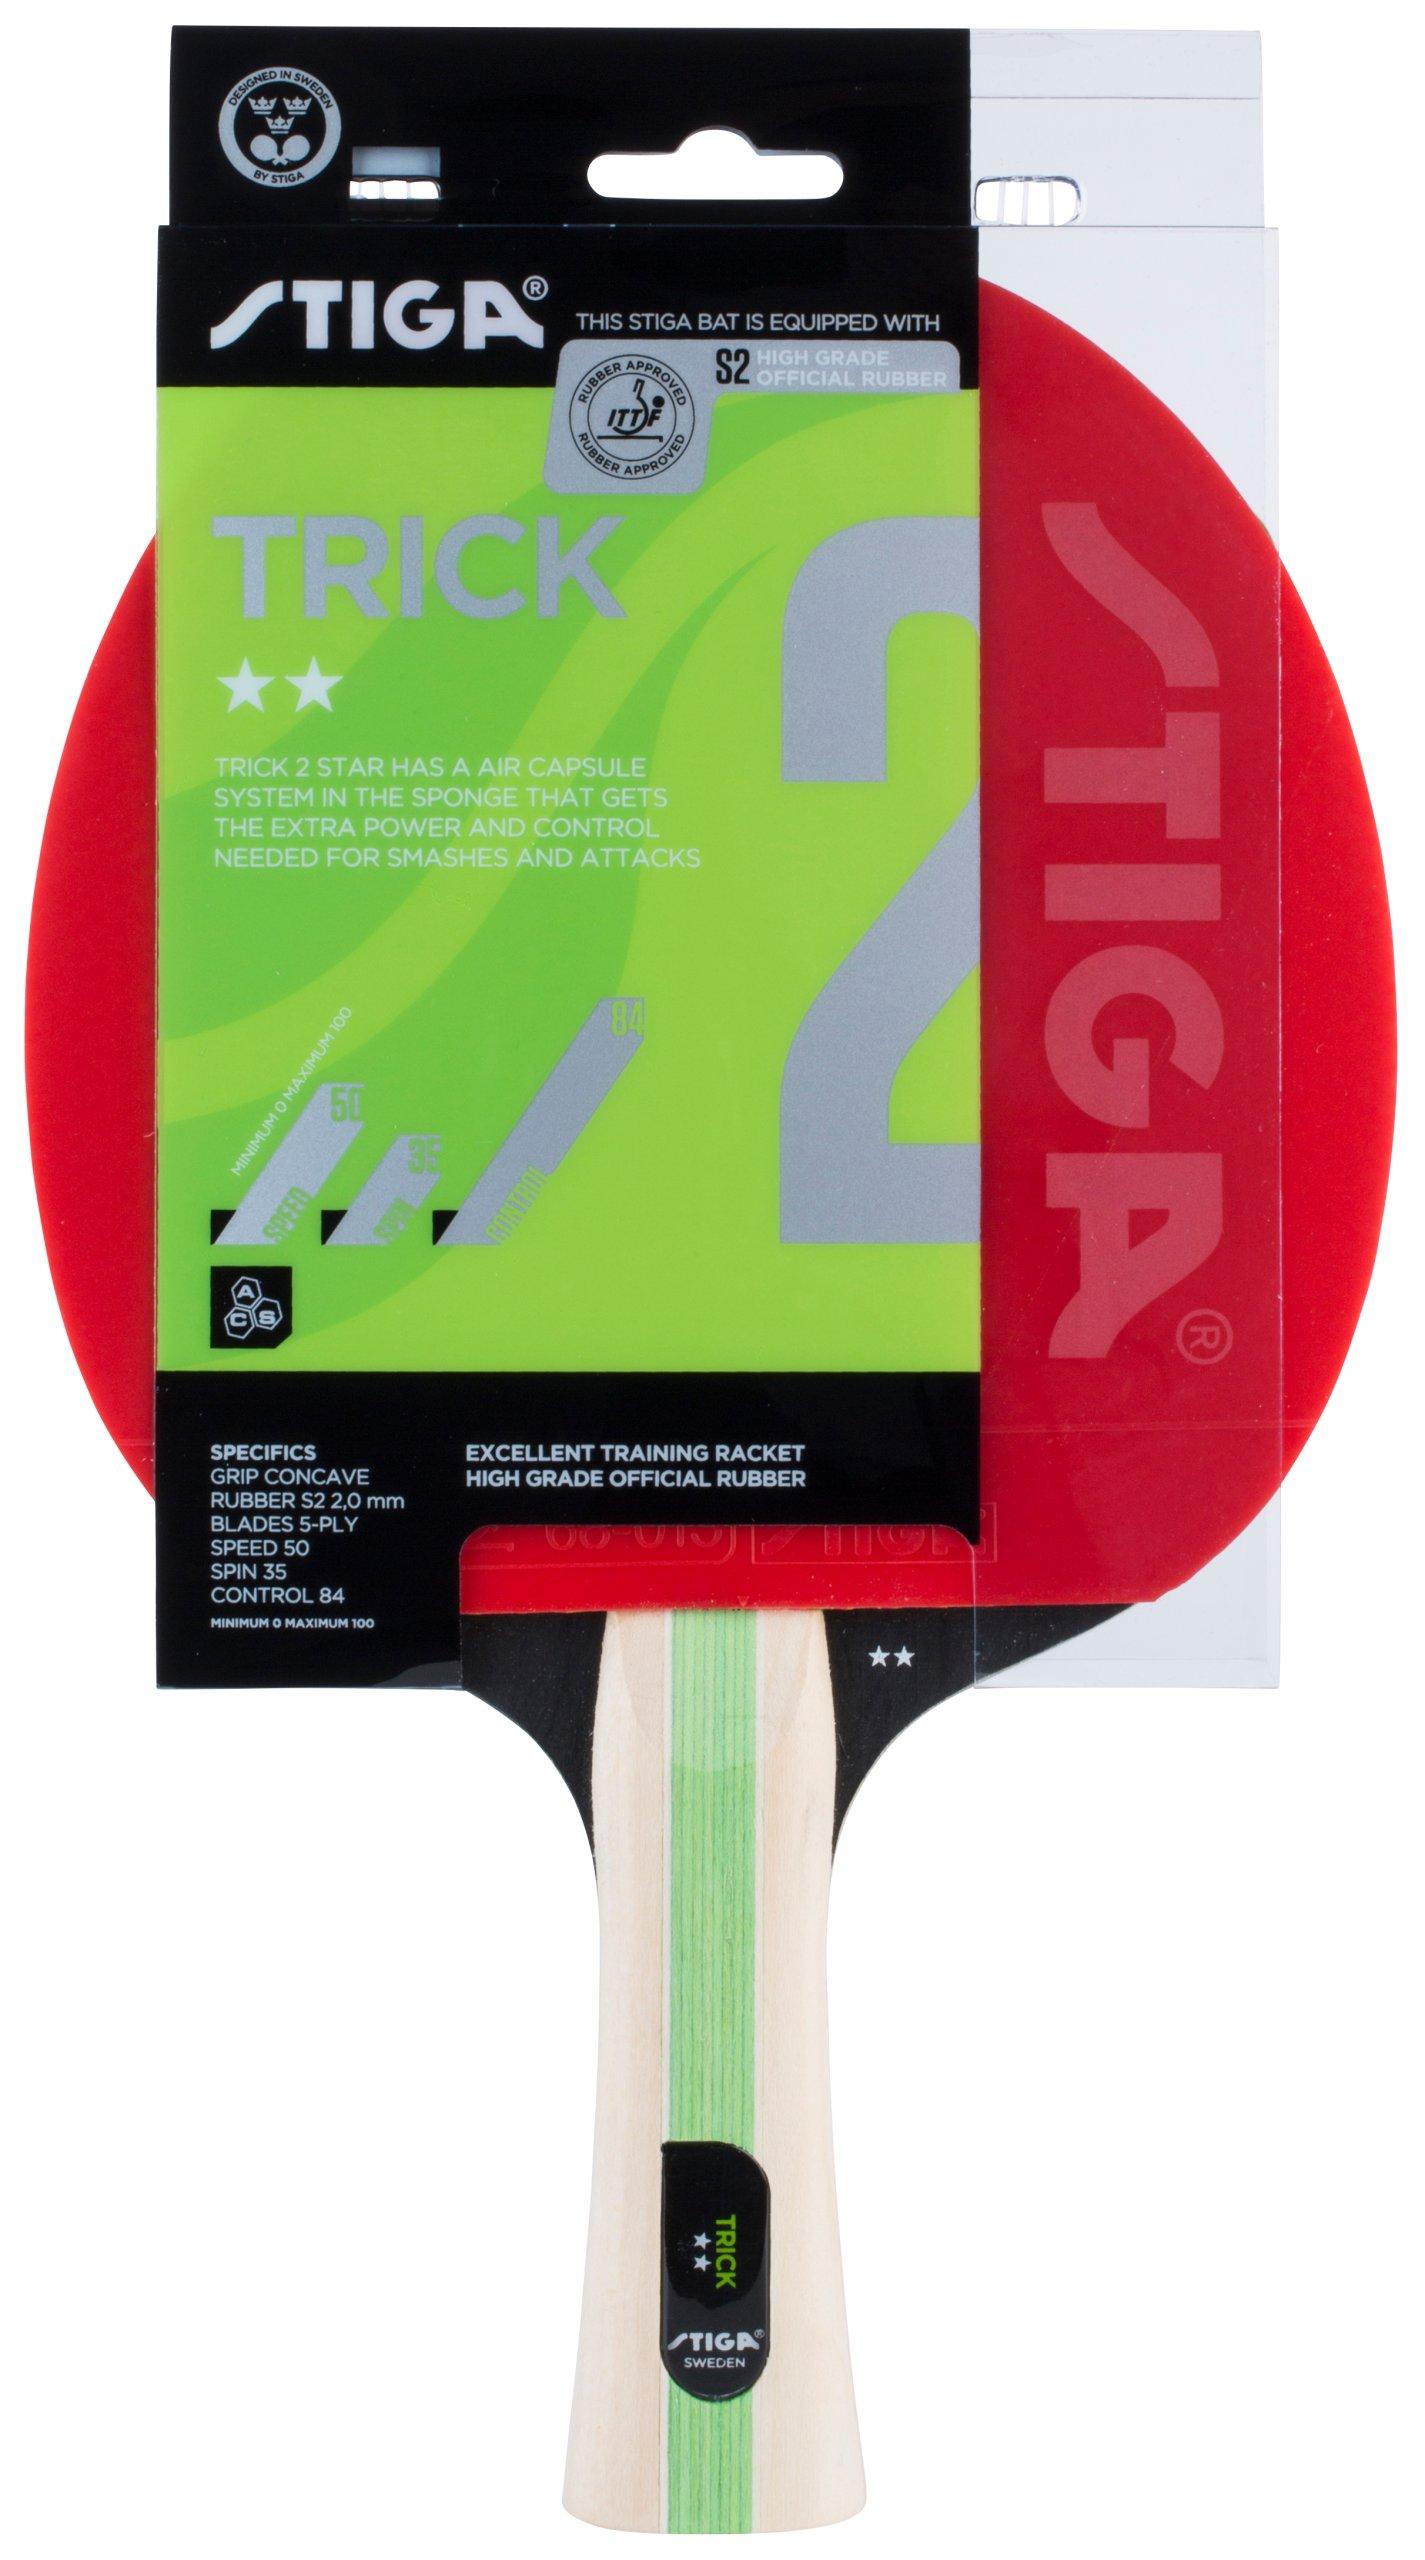 Ракетка STIGA TRICK **, настольный теннис, пинг-понг